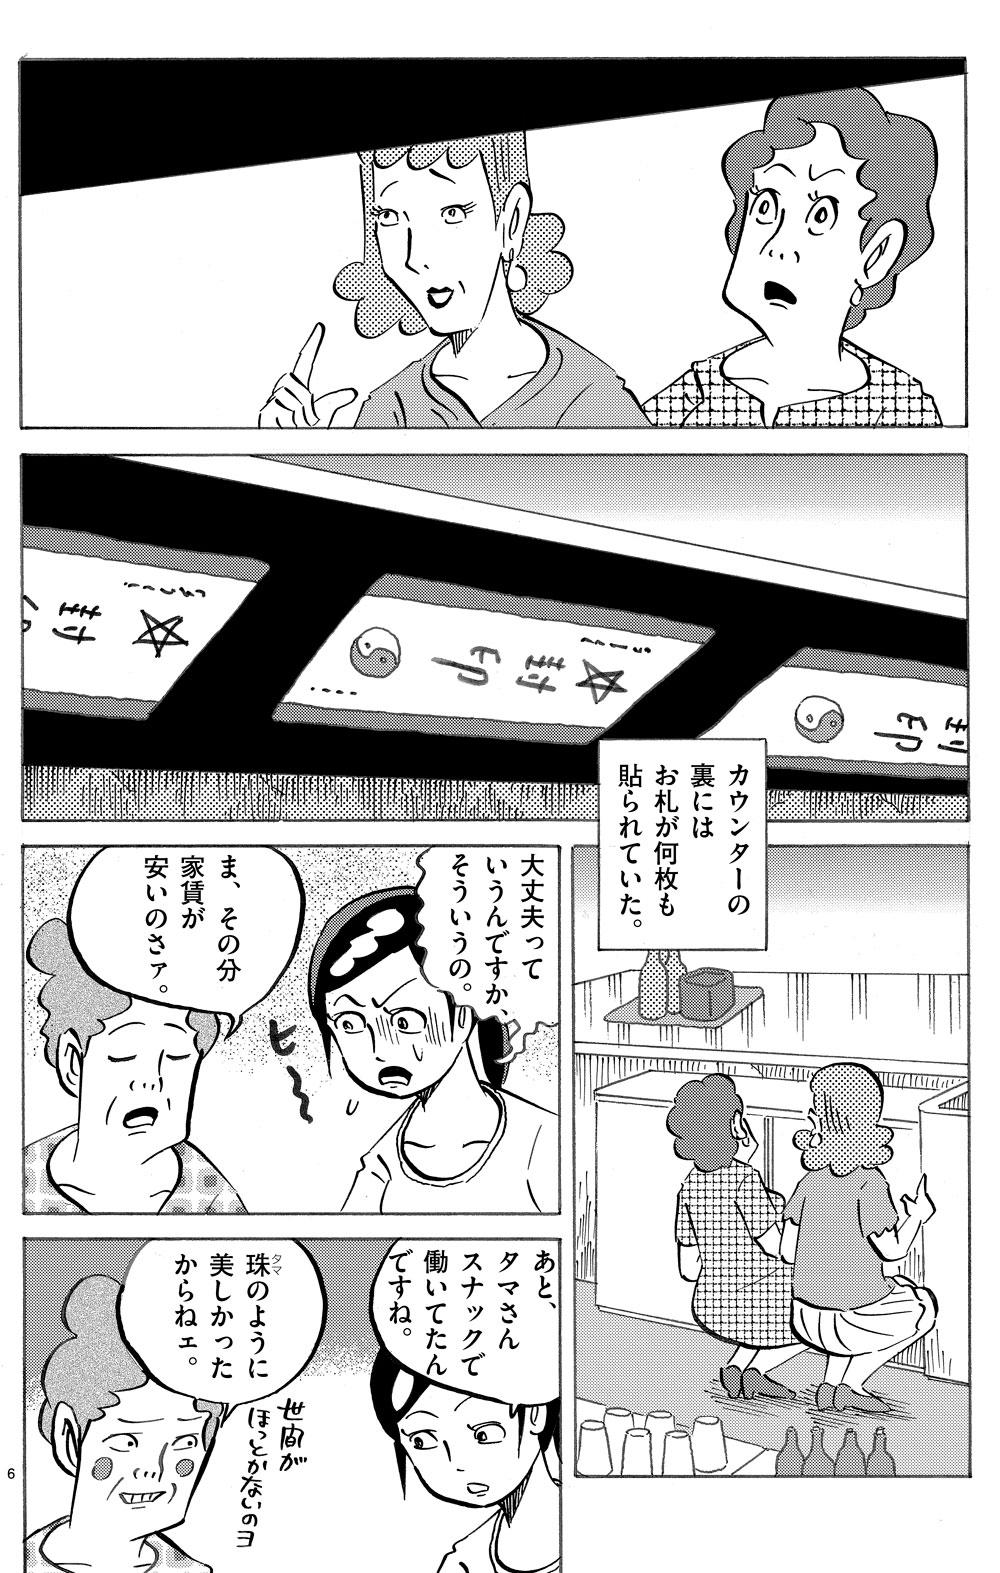 琉球怪談 【第4話】WEB掲載6ページ目画像